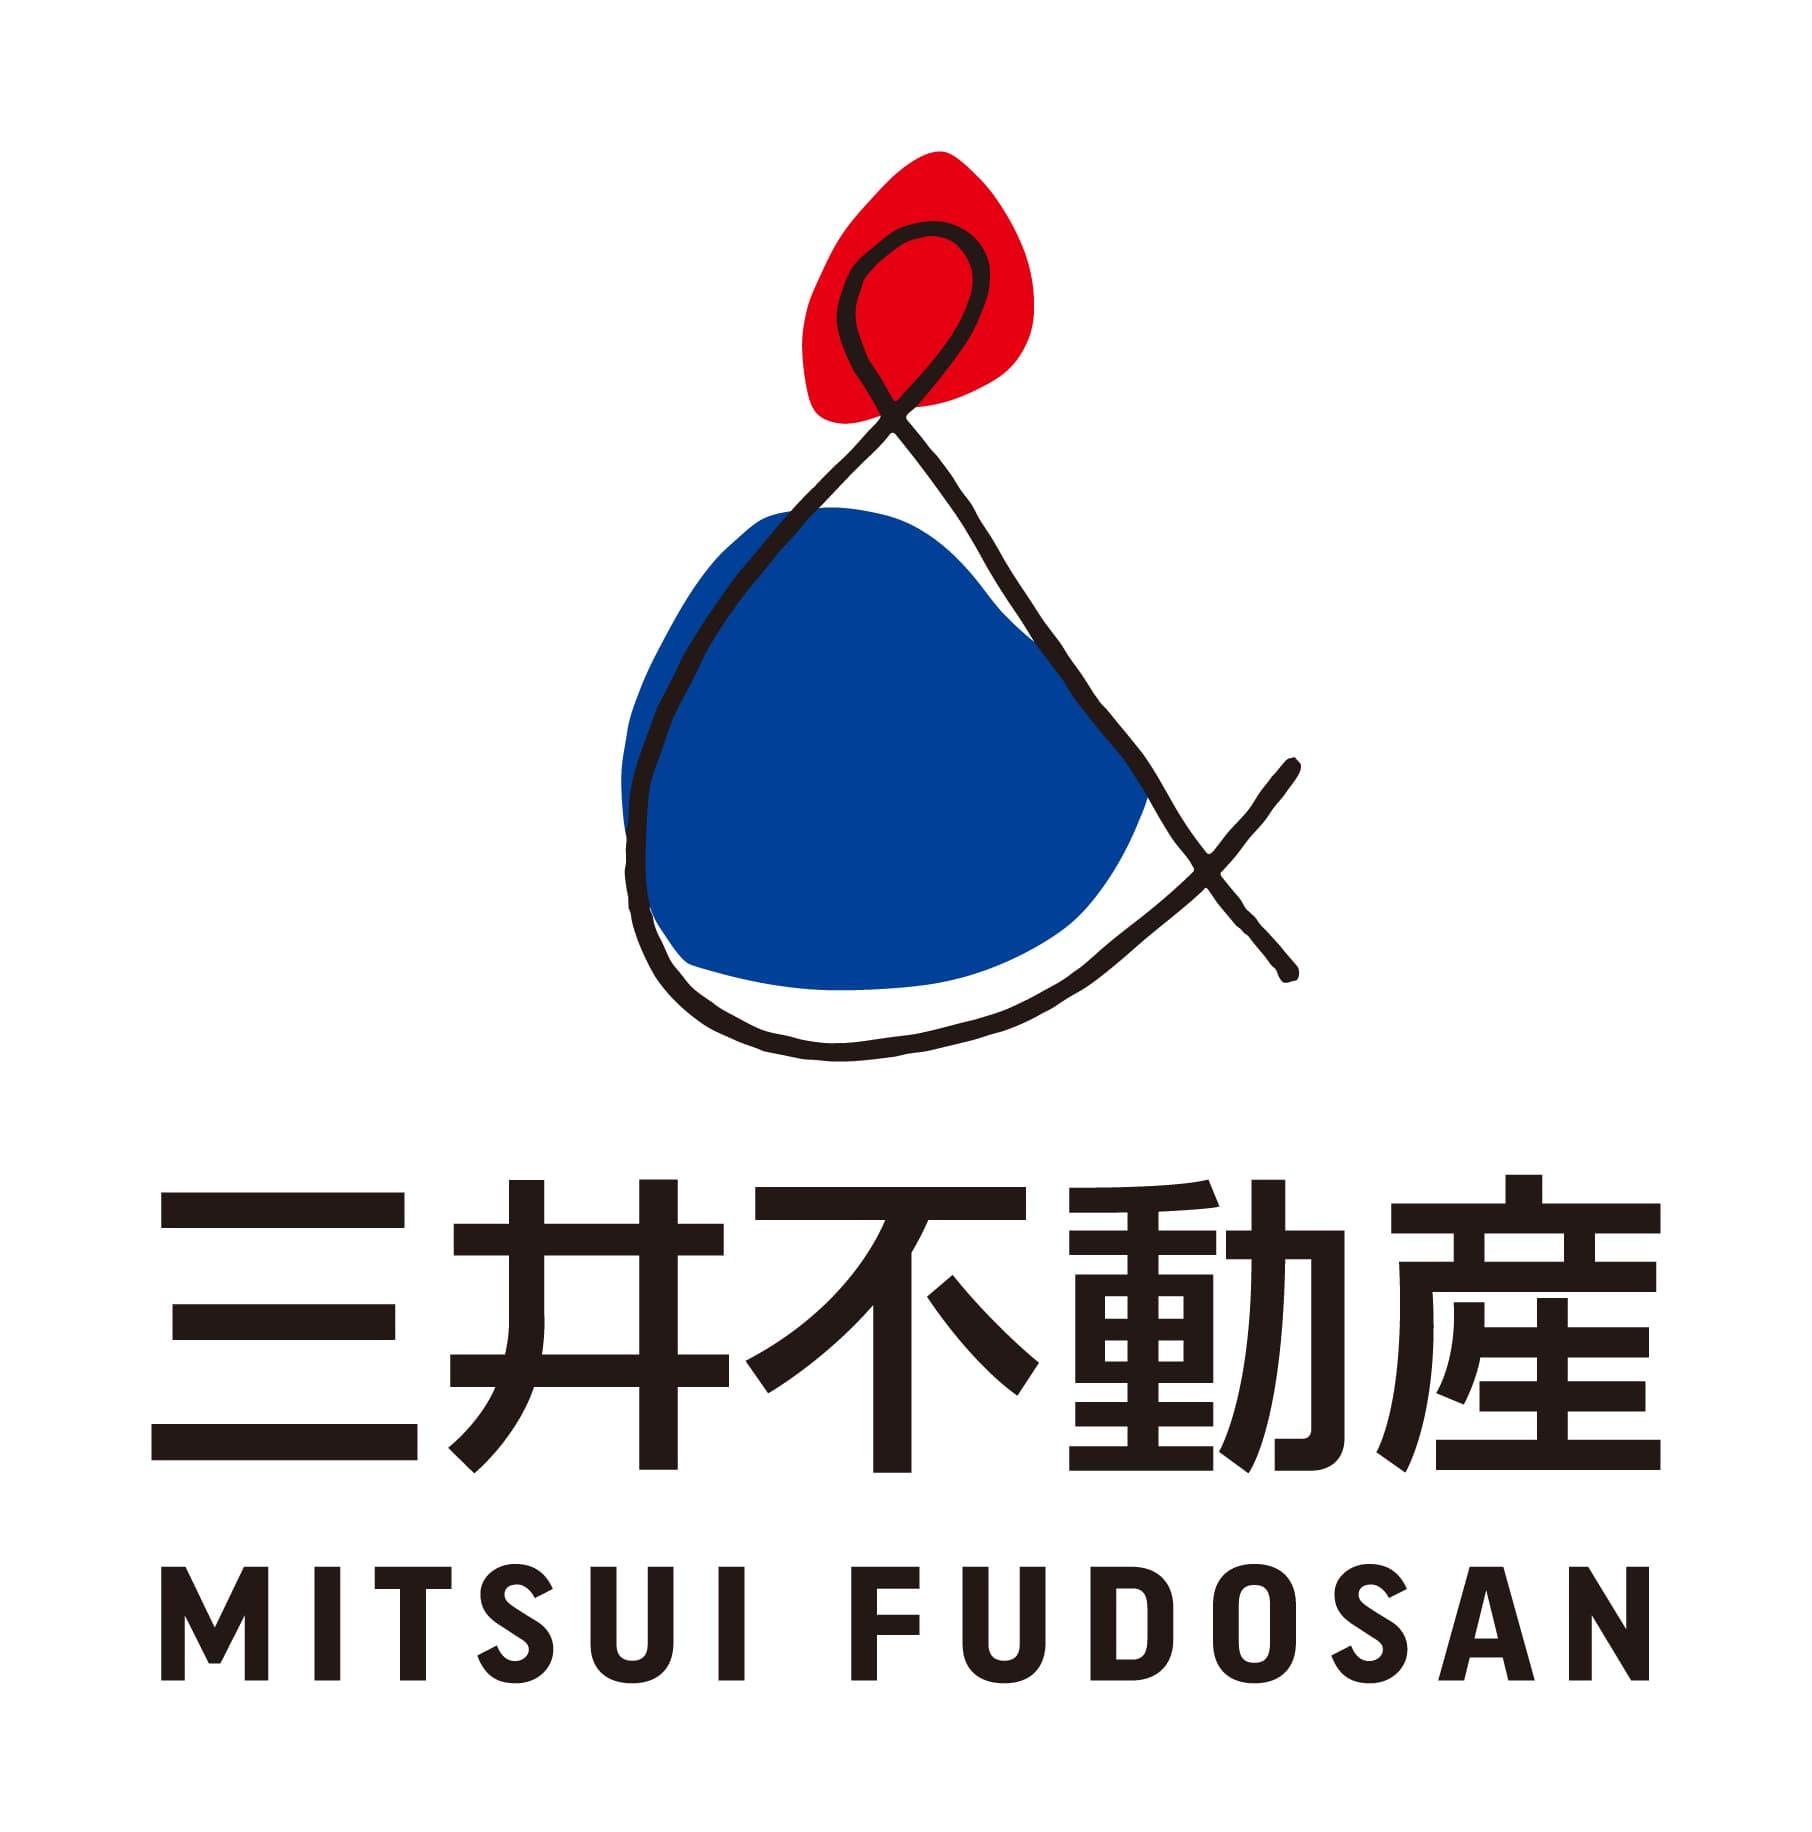 三井不動産 ロゴ